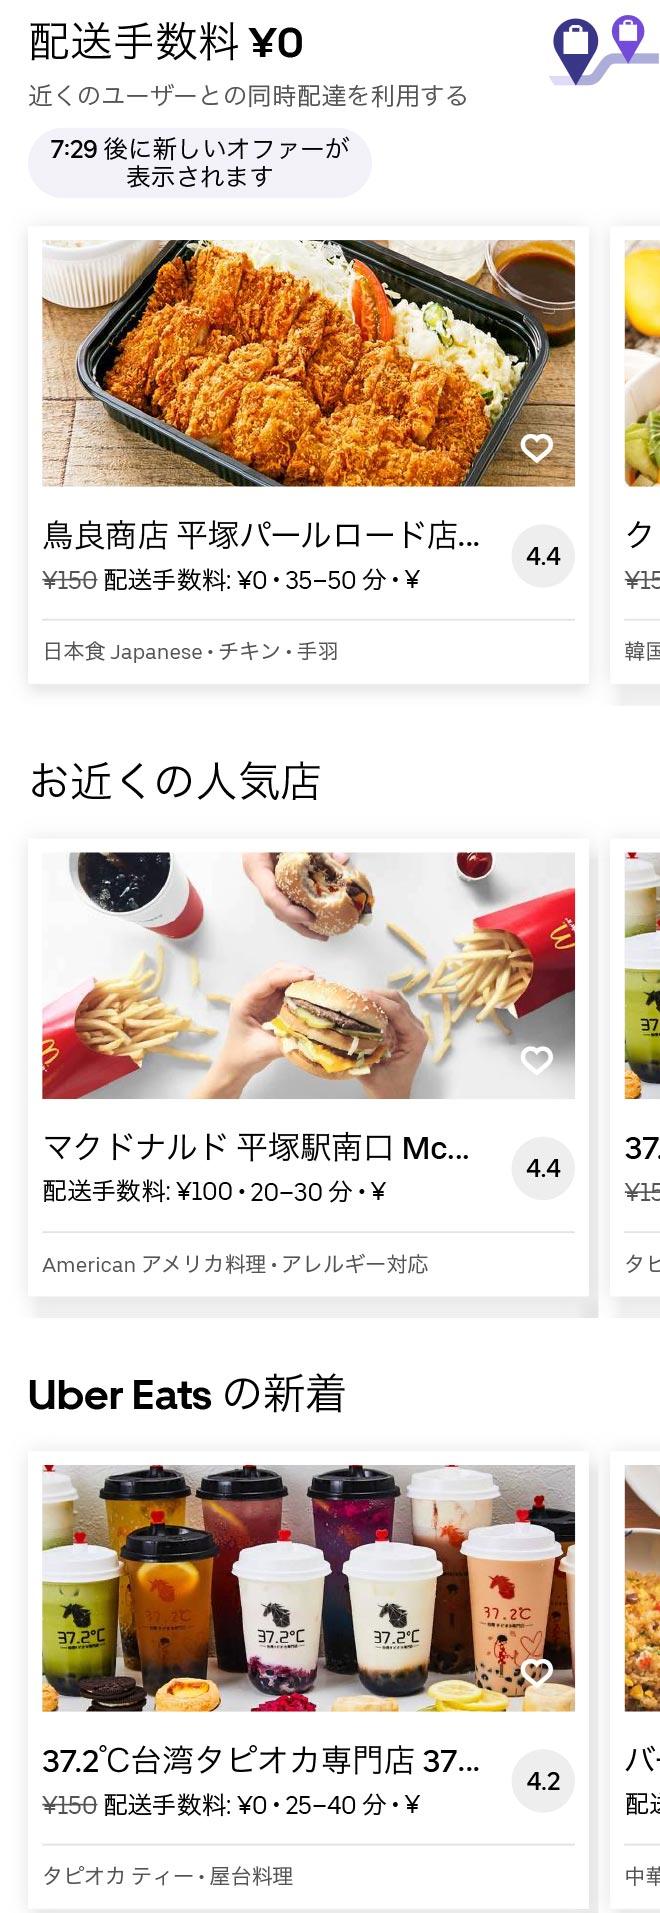 Hiratsuka menu 2008 01